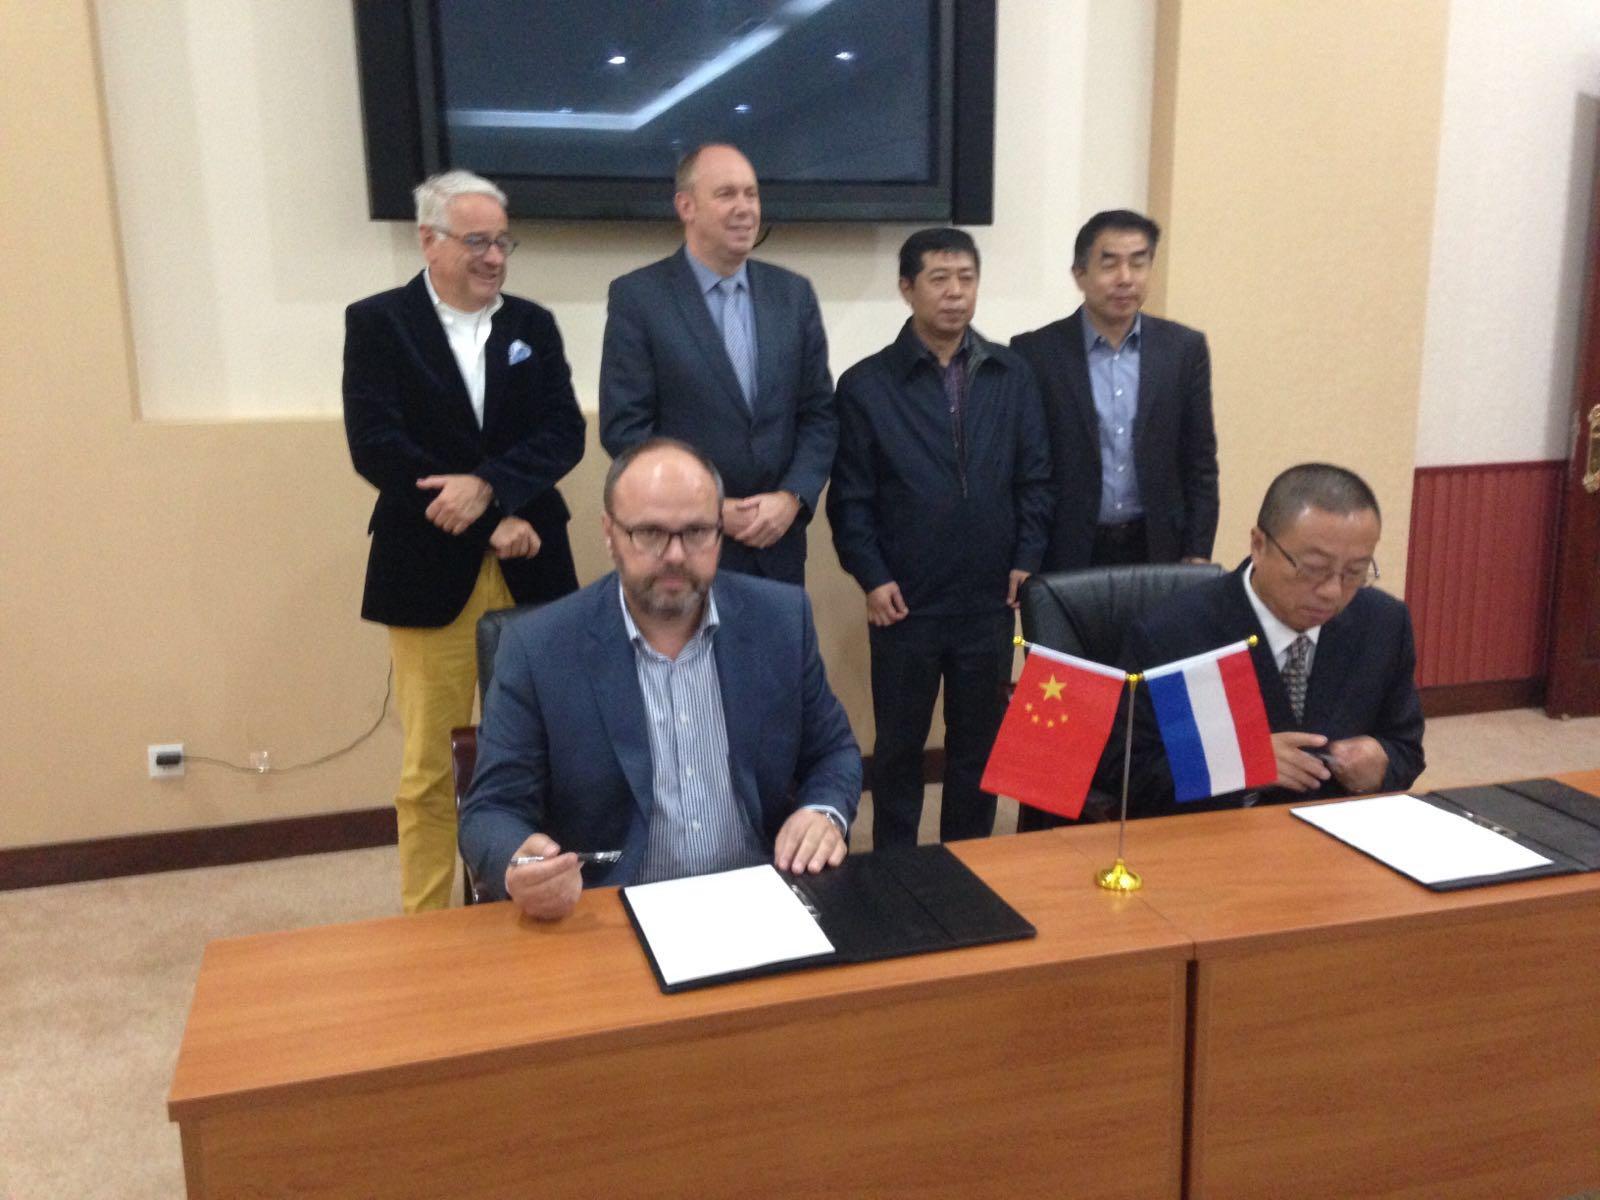 Delegatie uit China bezoekt Bouman